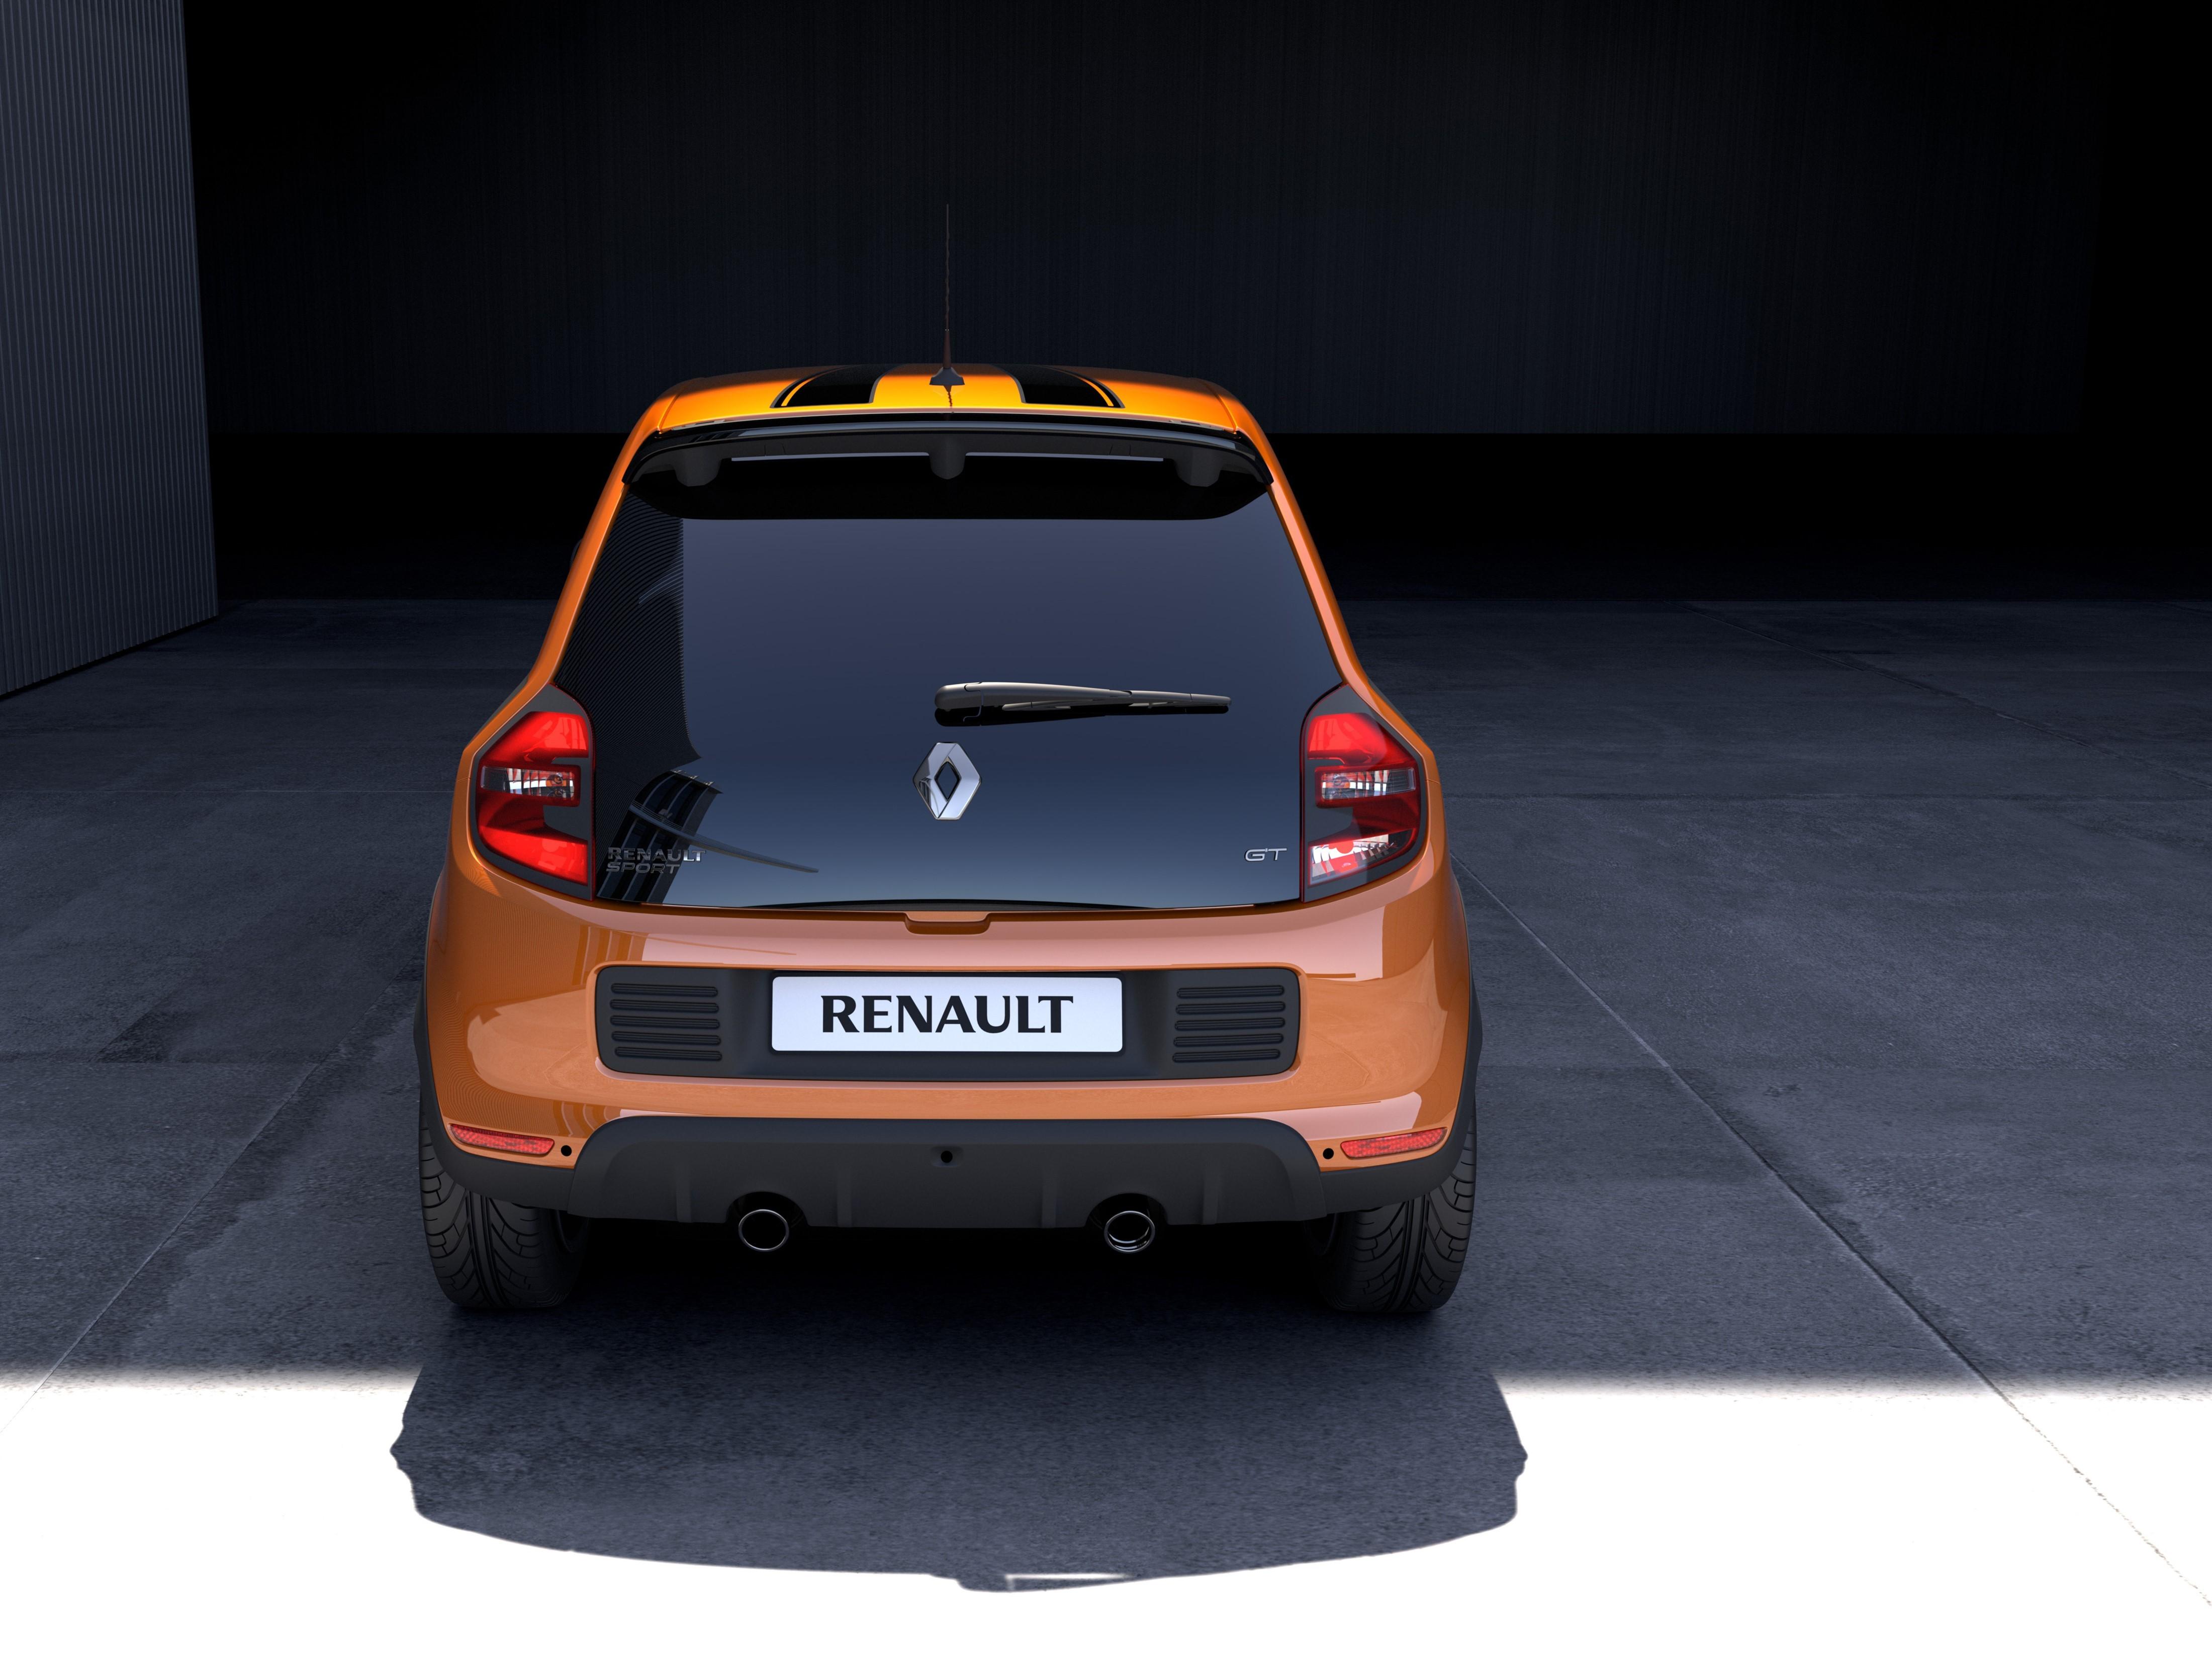 En ÉlectriqueEnfin Version Presque Renault Twingo GtMaintenant NwXP8Okn0